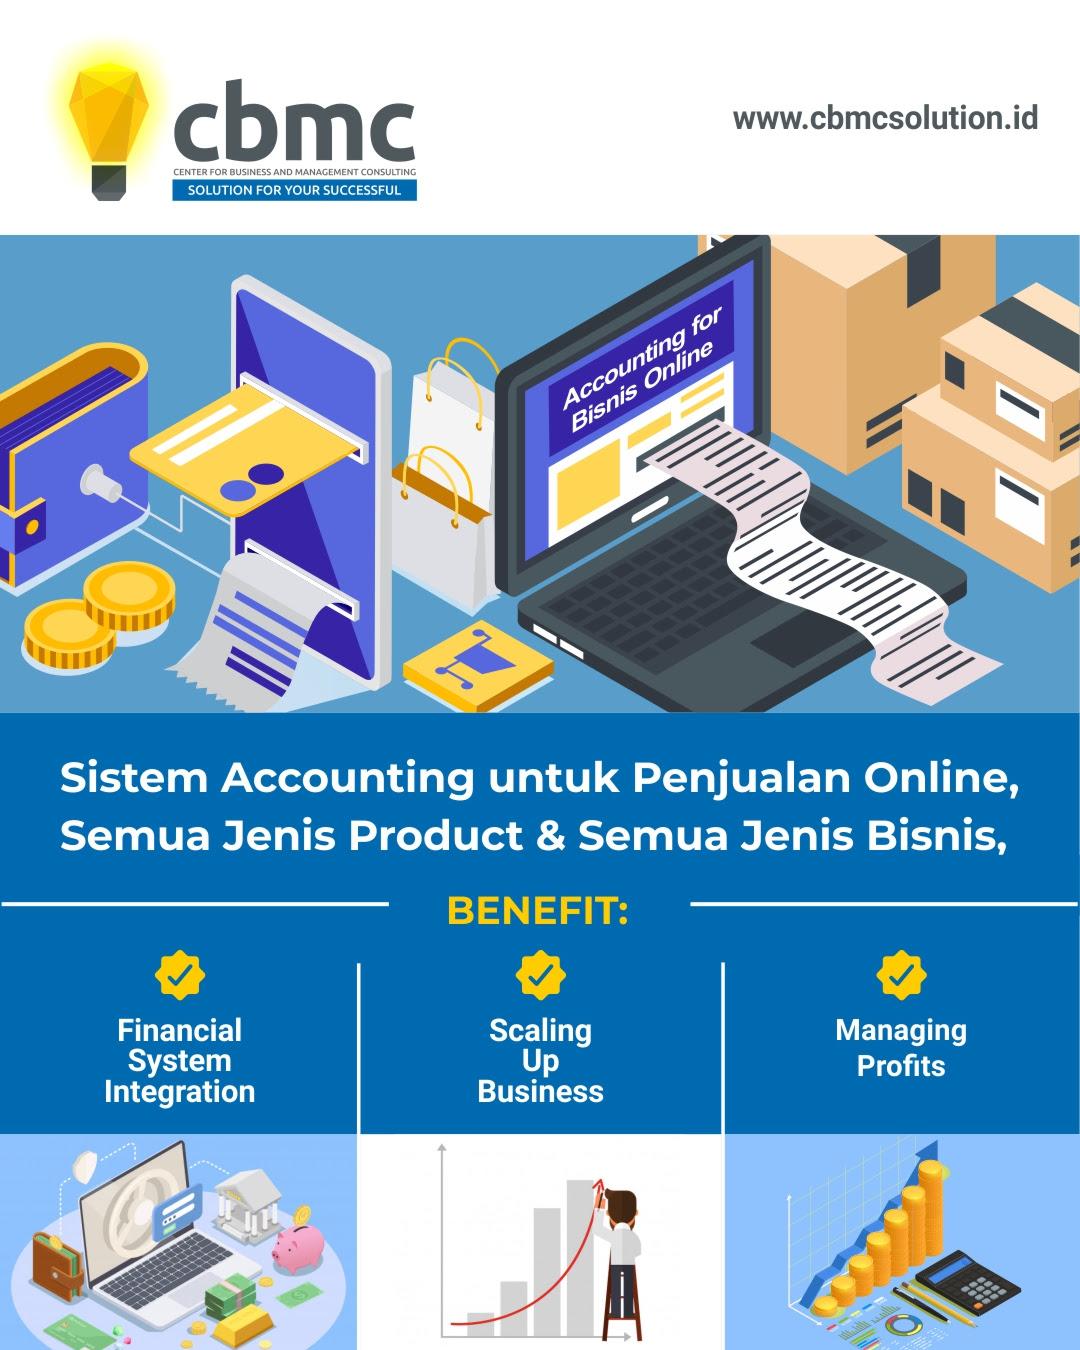 # 1 Bisnis Online Shop : Apa yang harus dilakukan saat ...